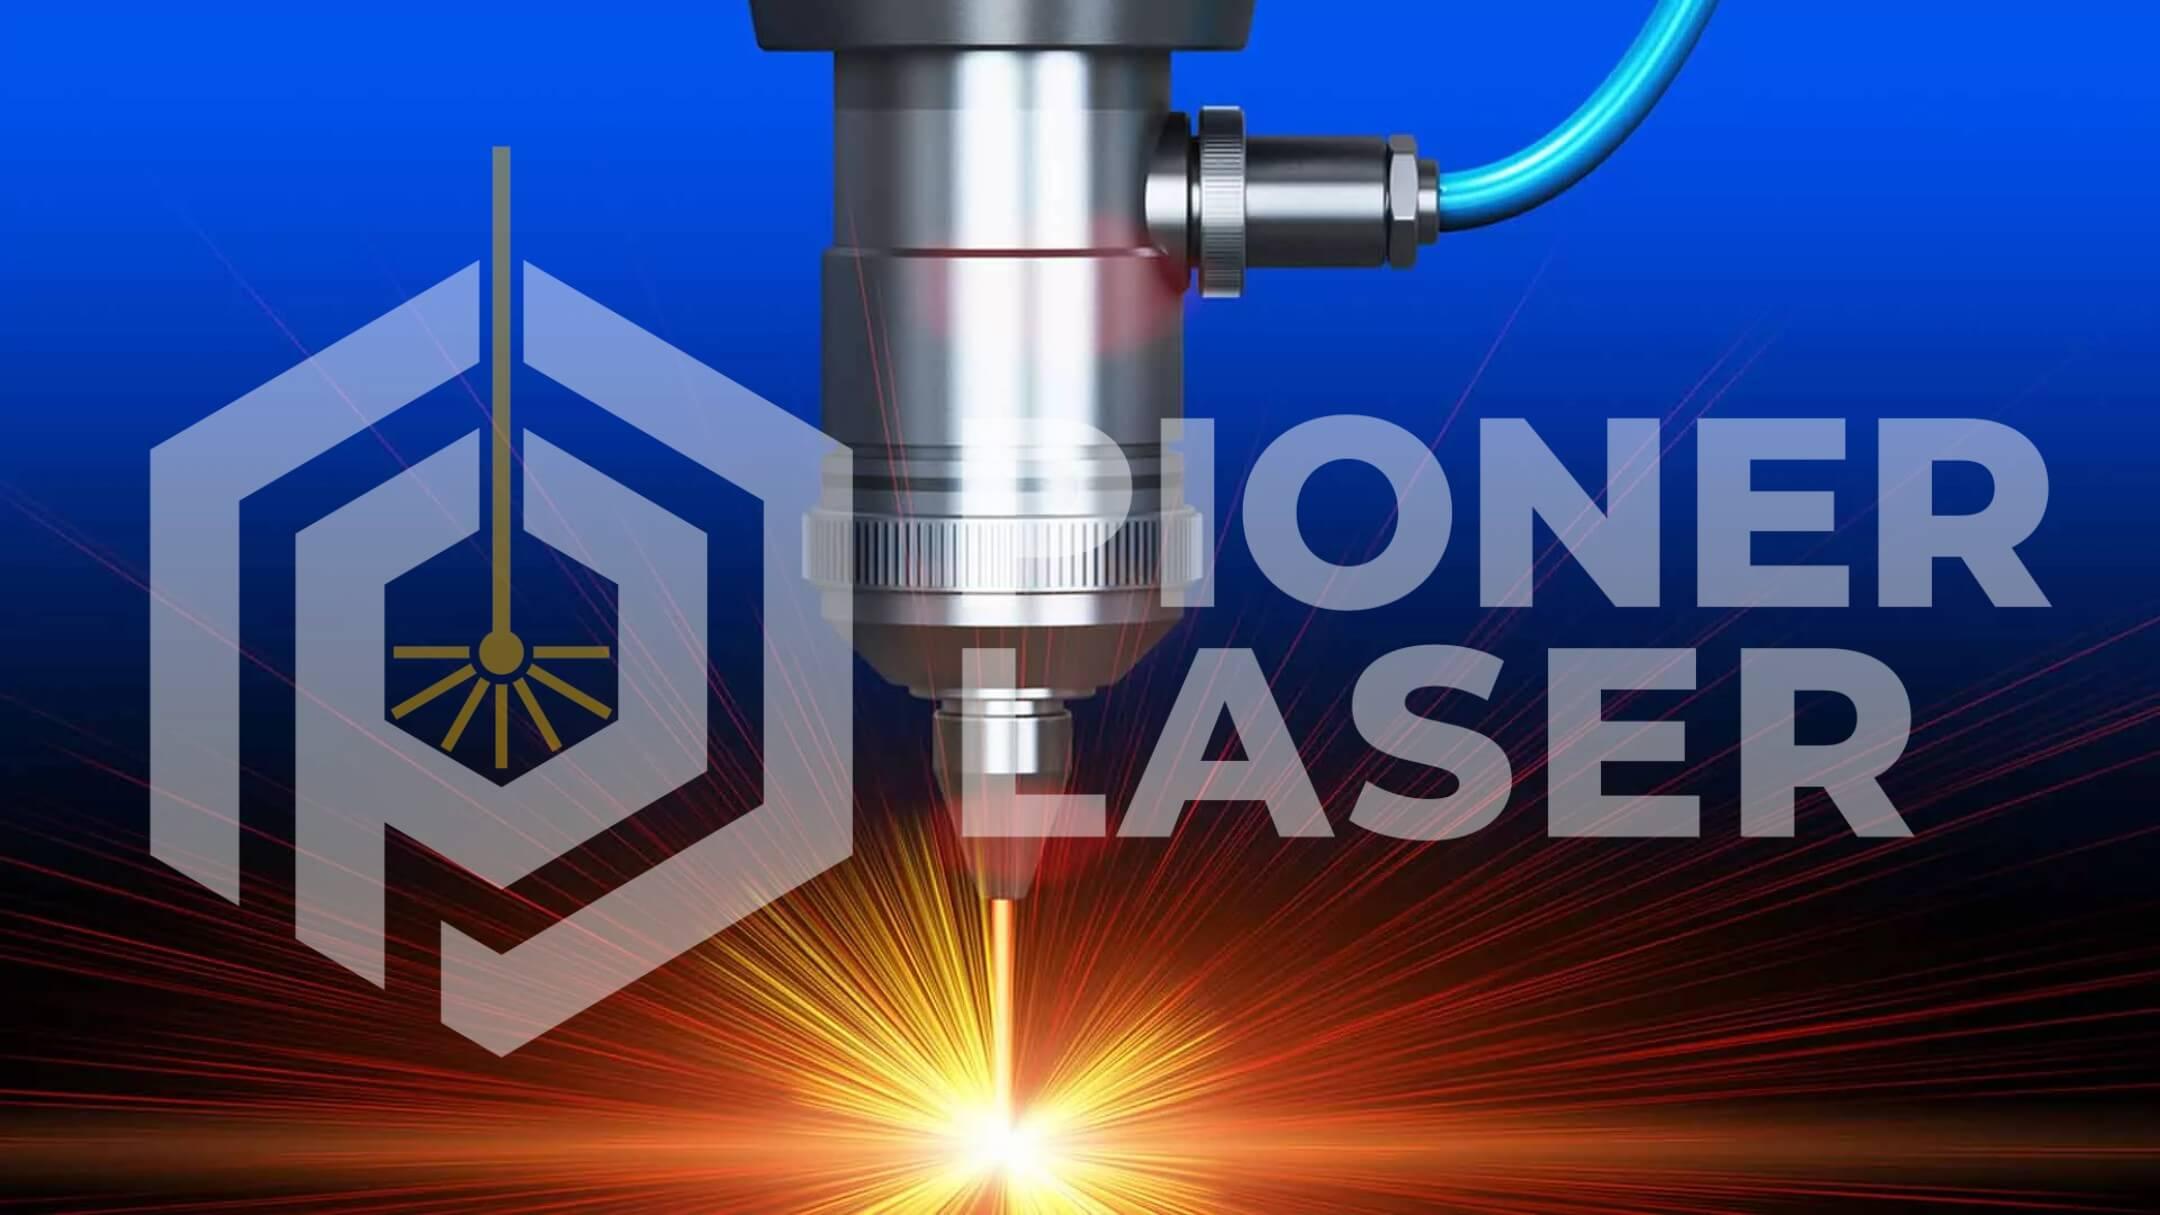 Jasa Laser Cutting Tangerang